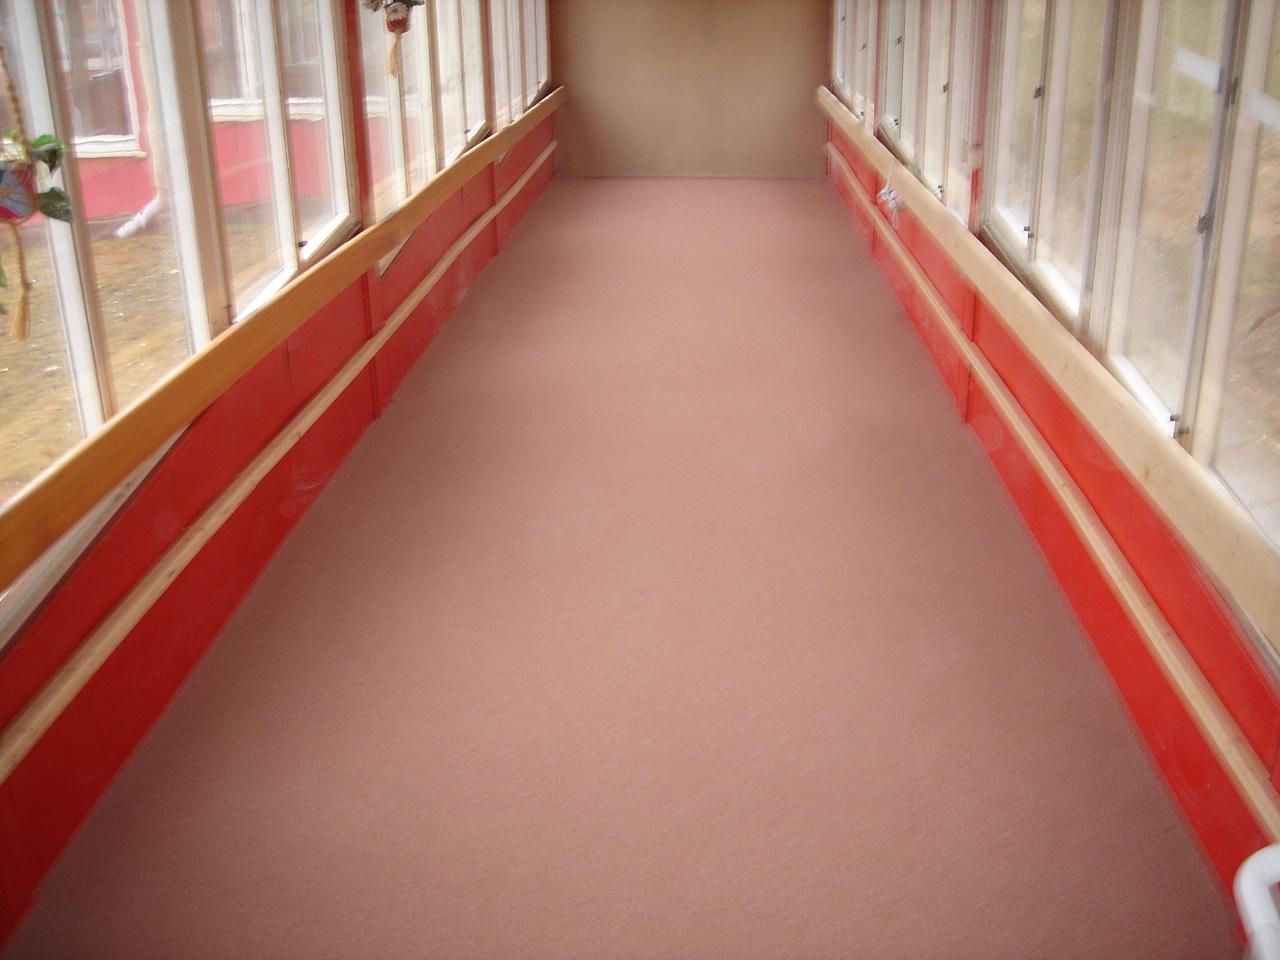 Chodba ve škole - epoxidová podlaha